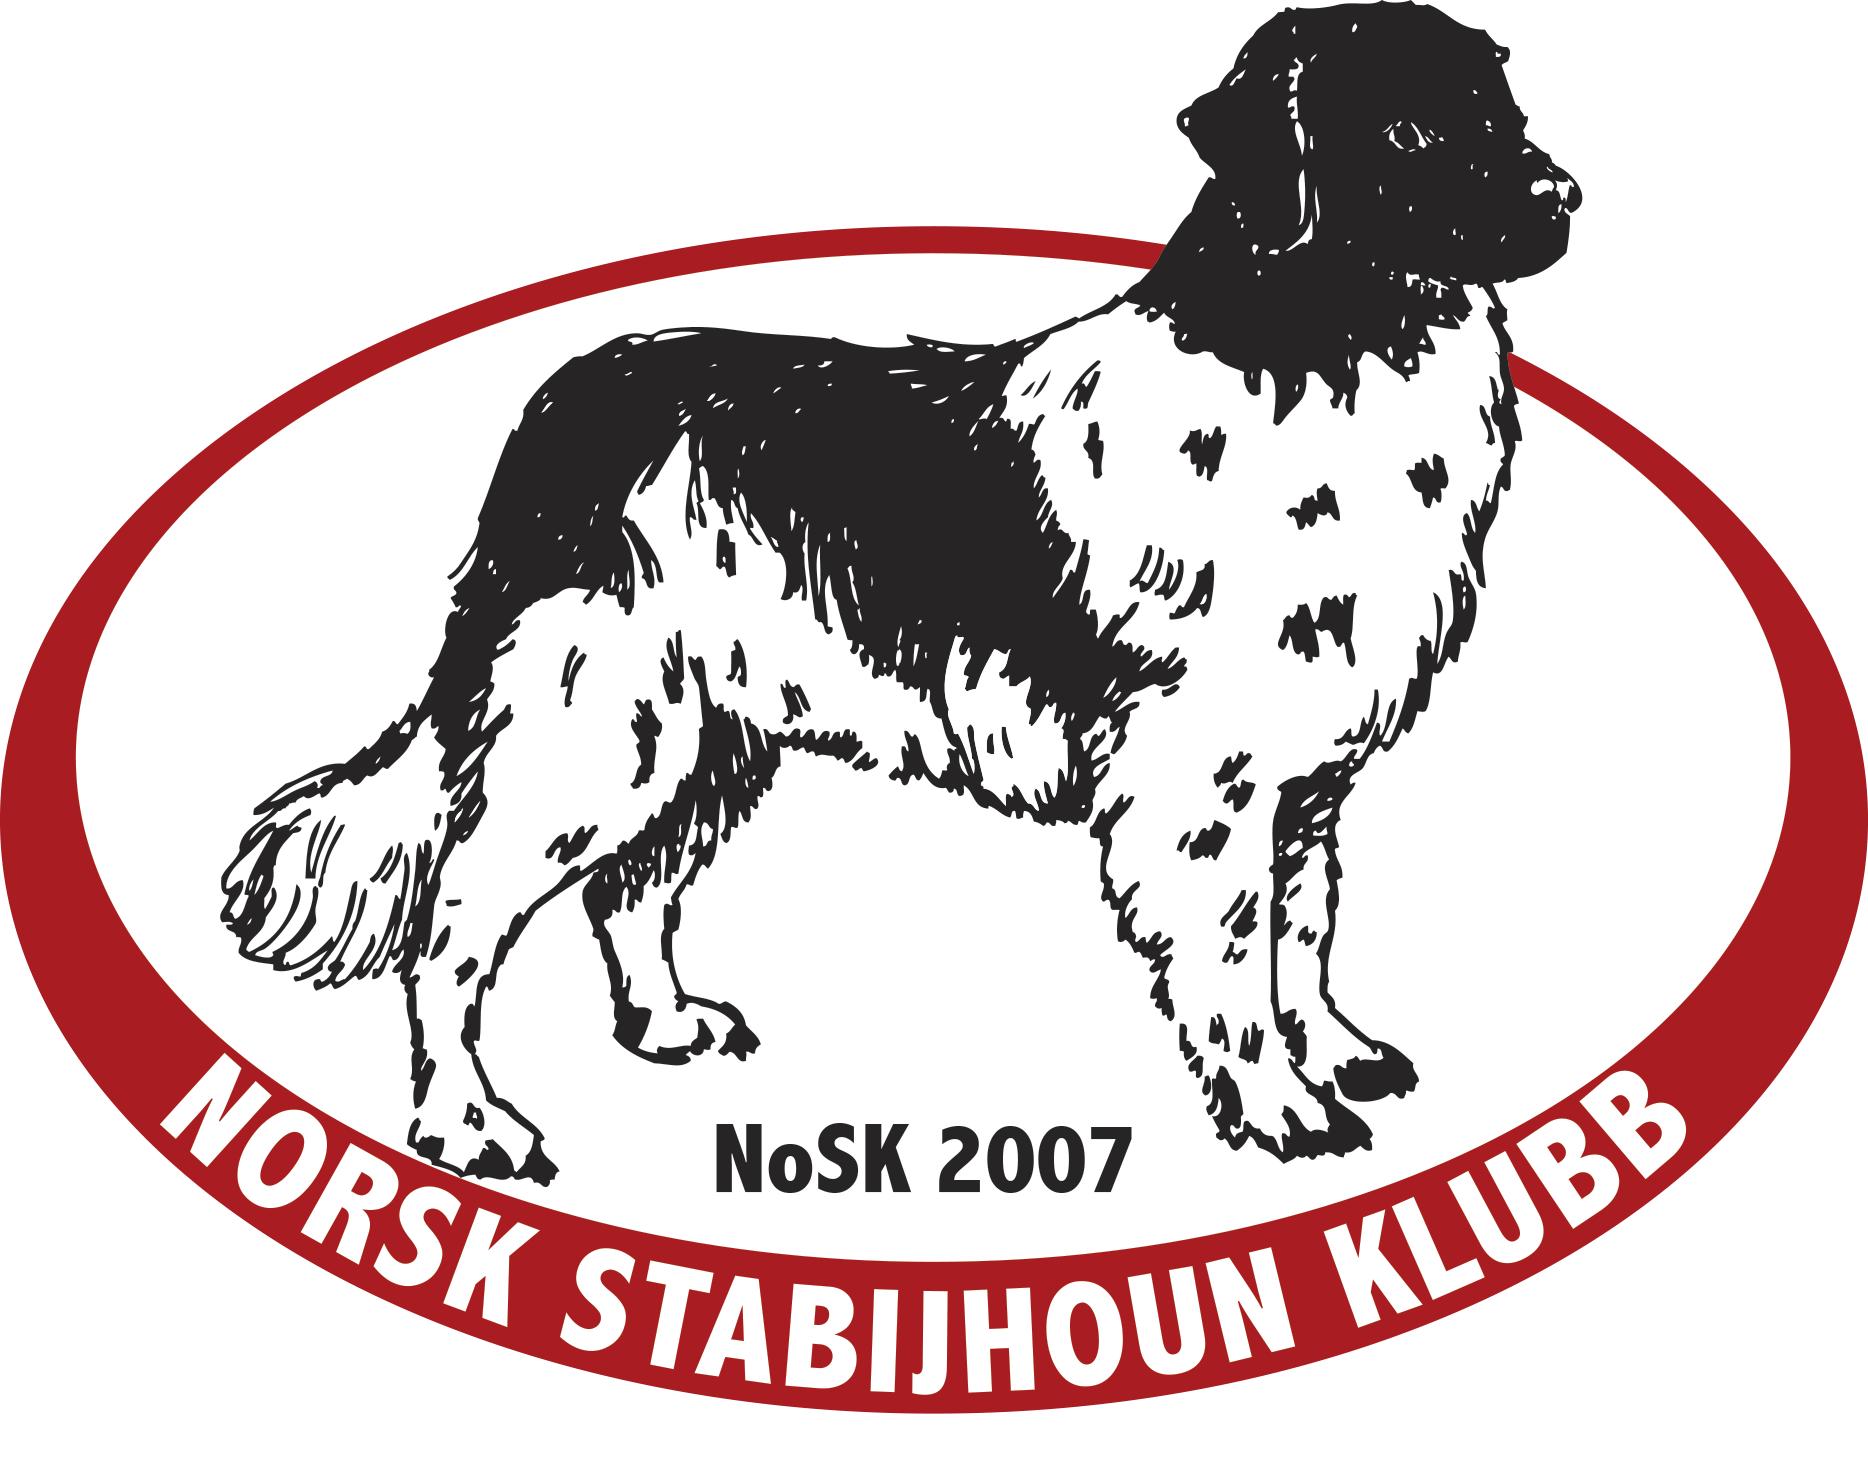 Norsk Stabijhoun Klubb